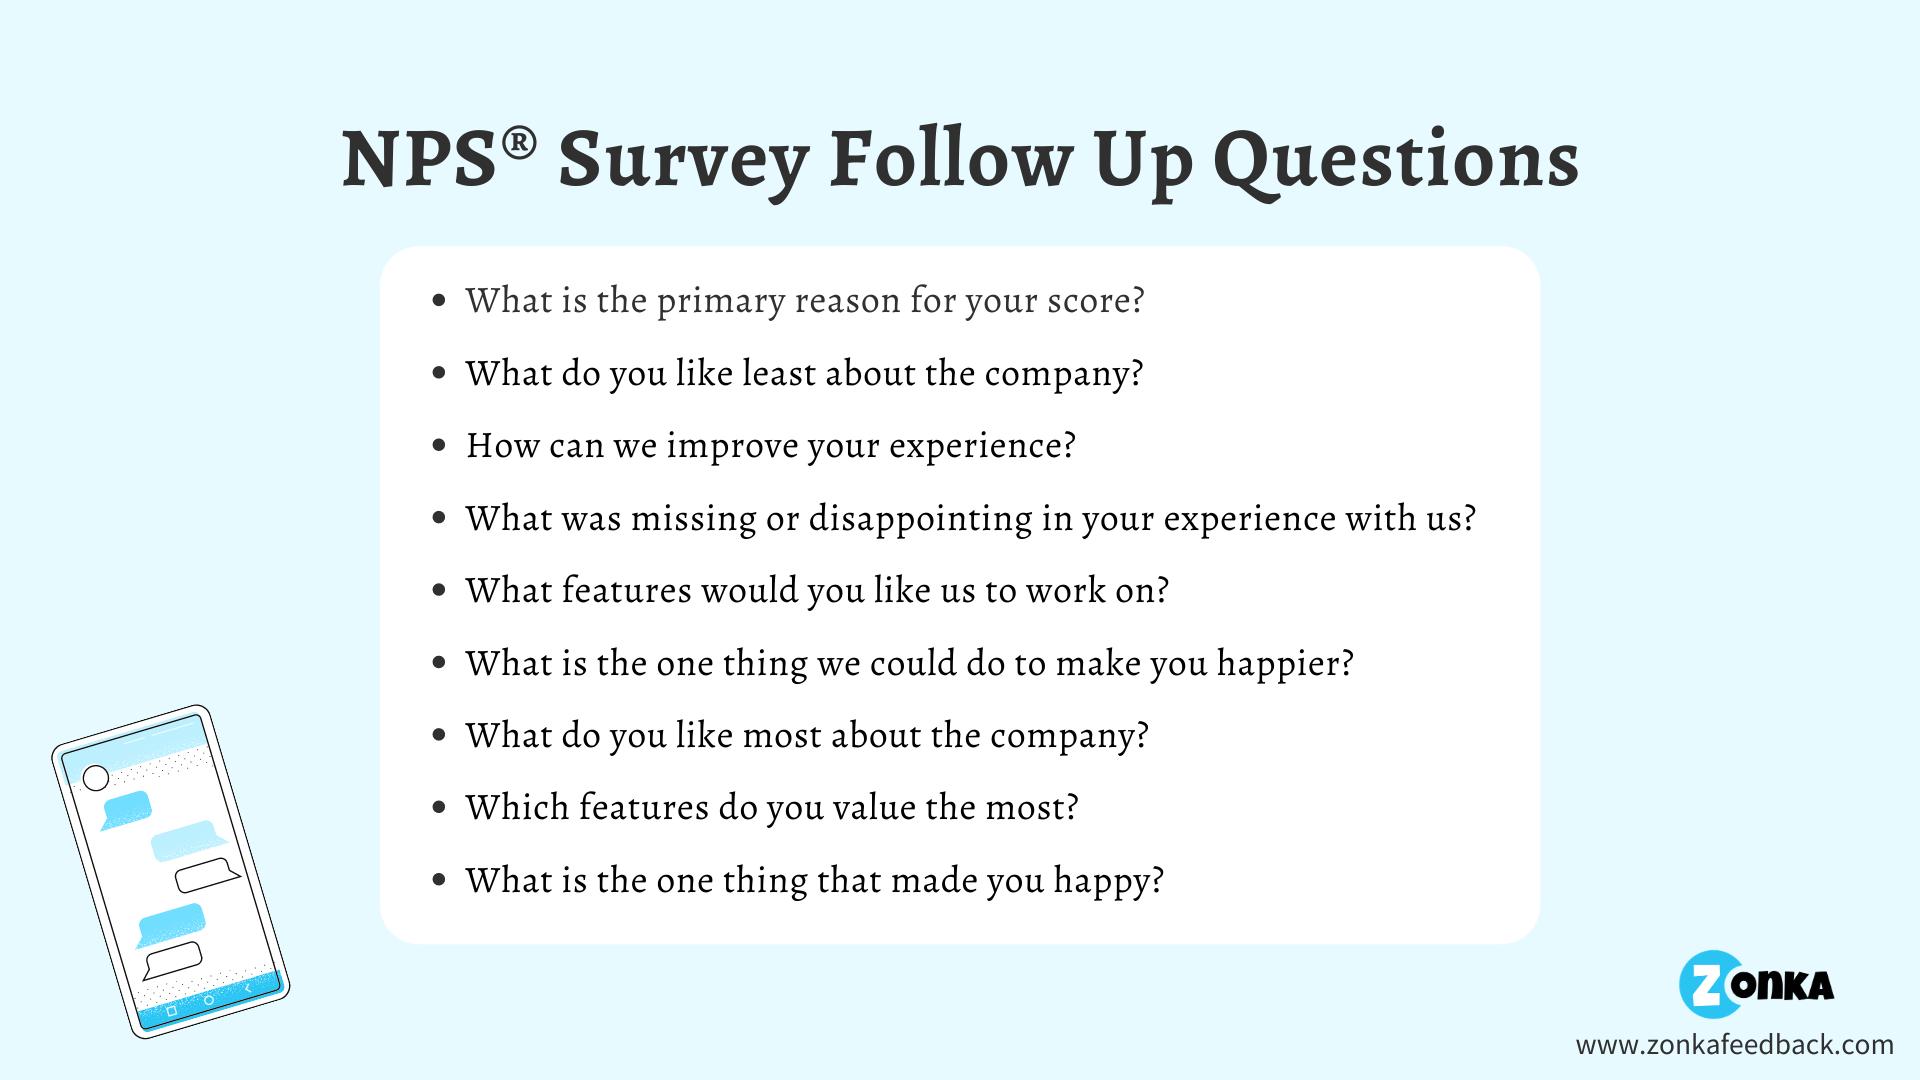 NPS Survey Follow Up Questions